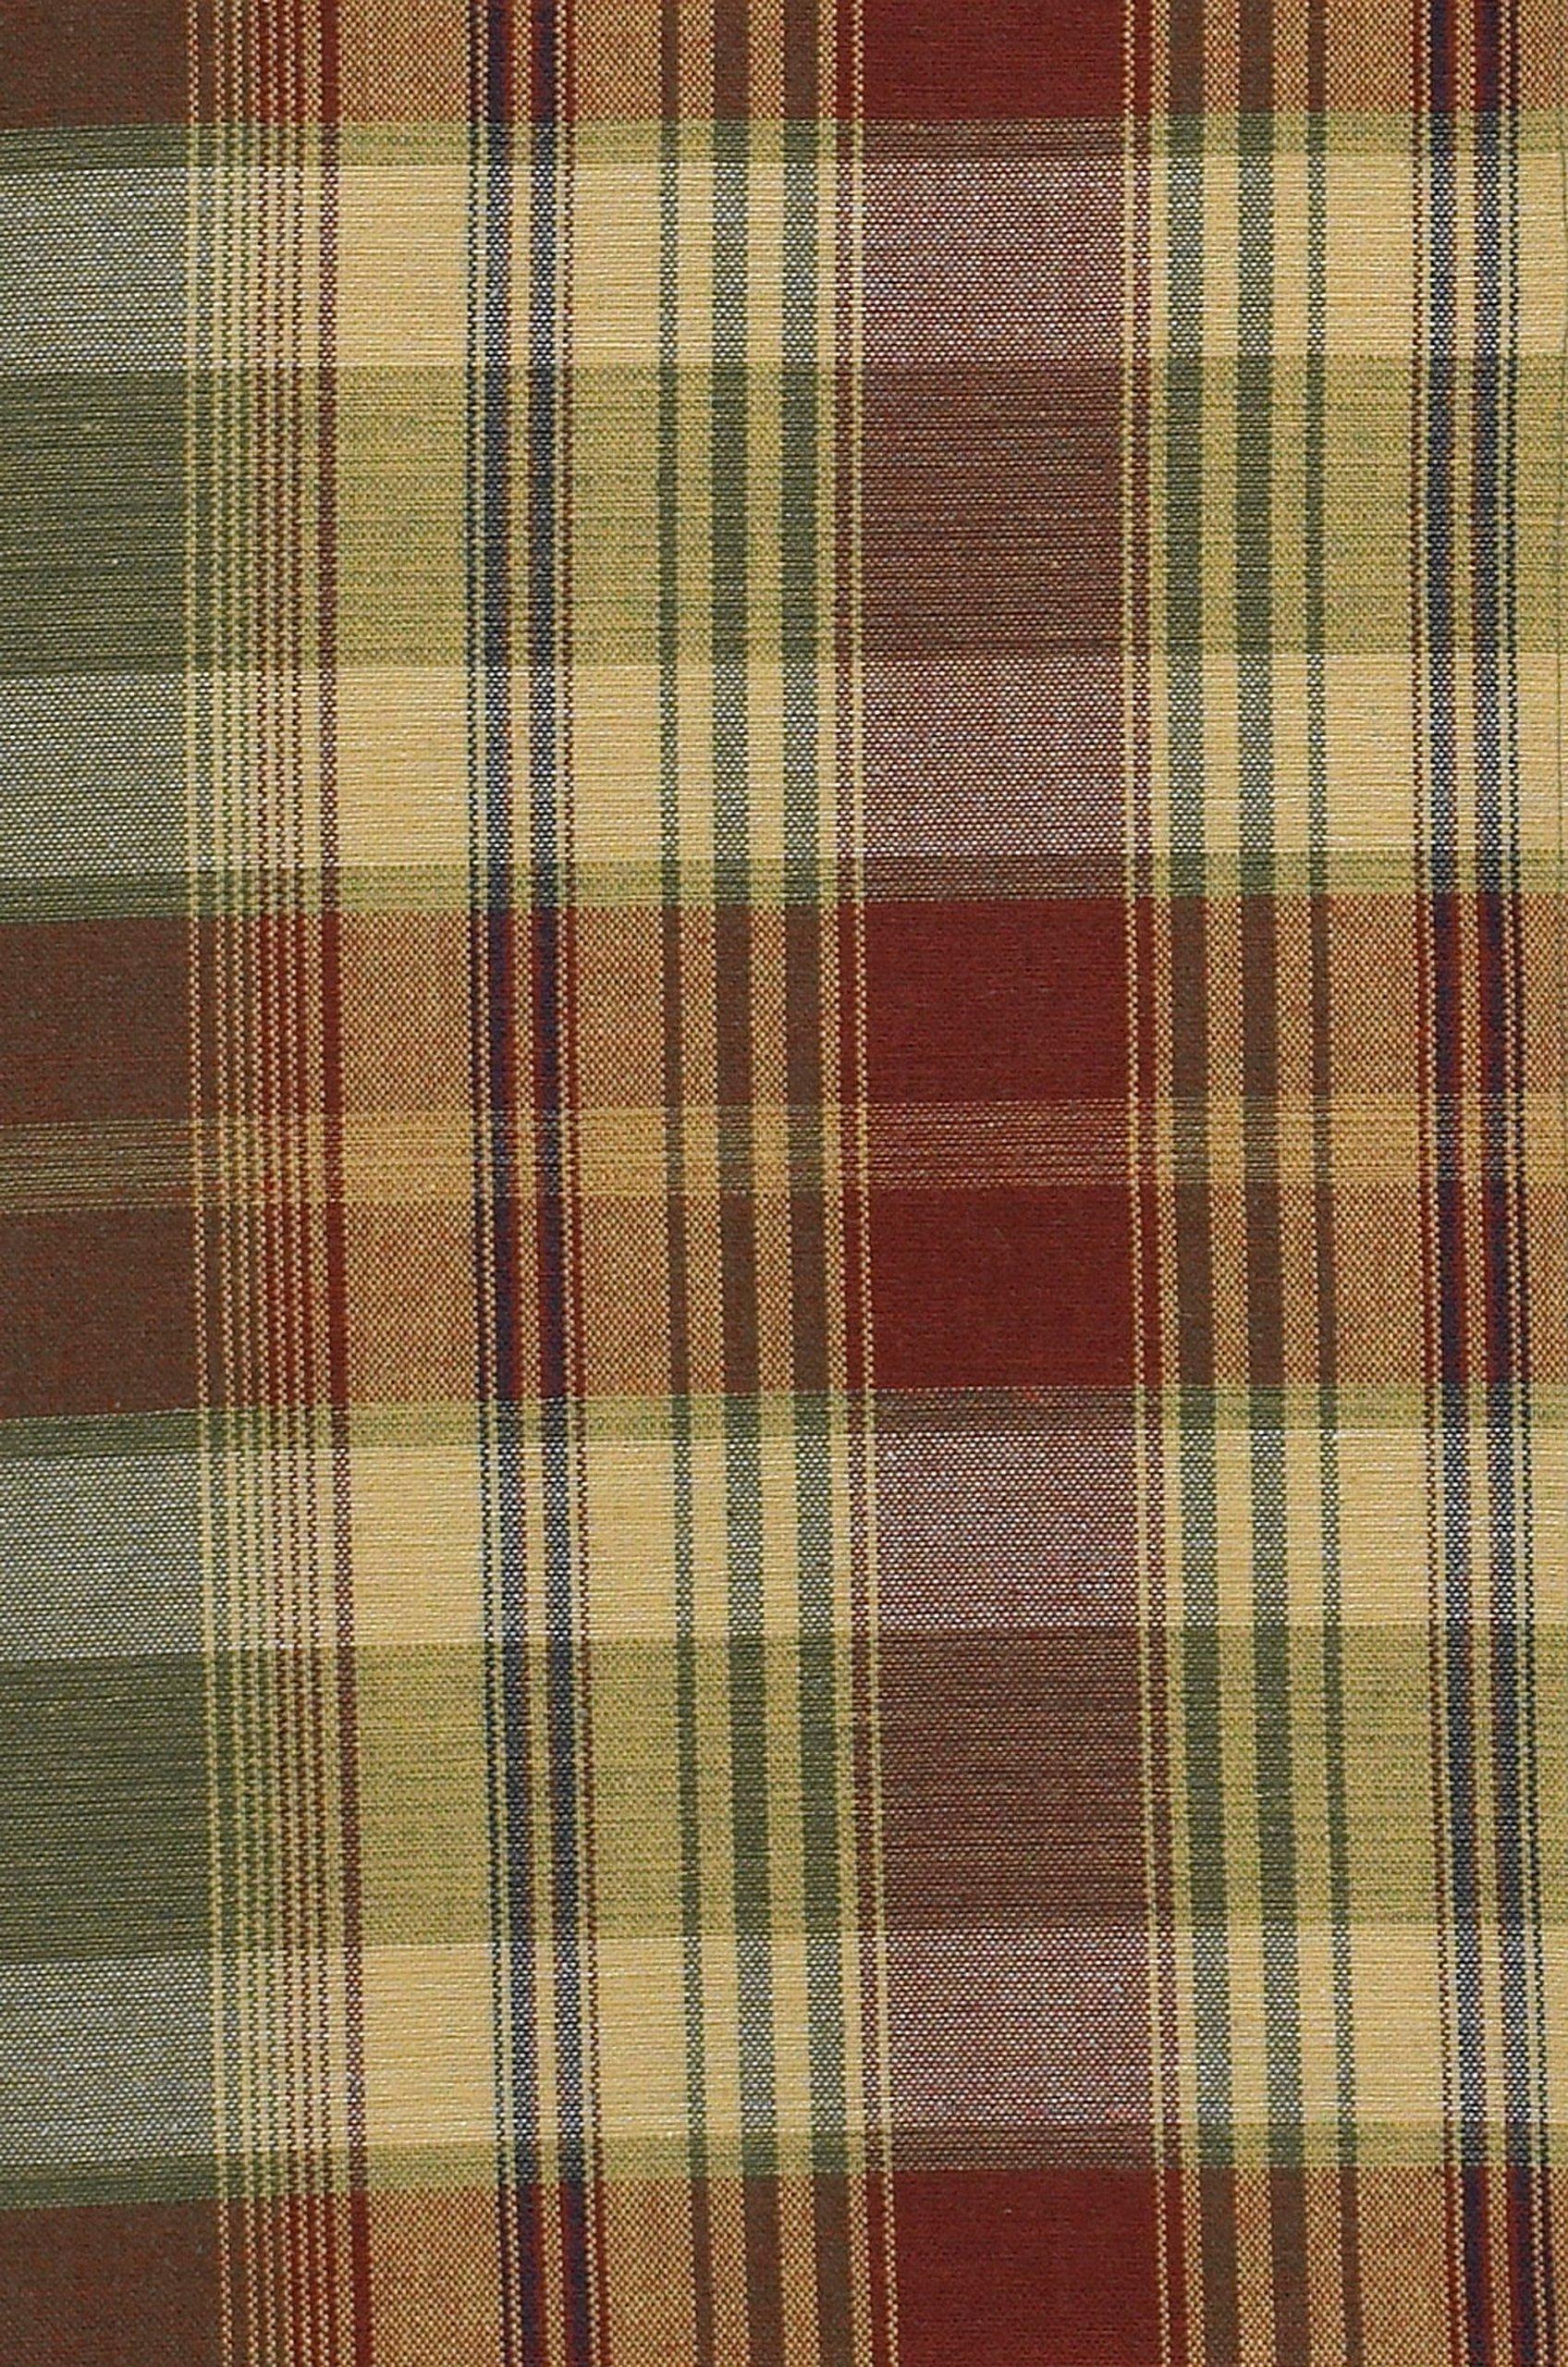 Park Designs Saffron Table Cloth, 60 x 84''